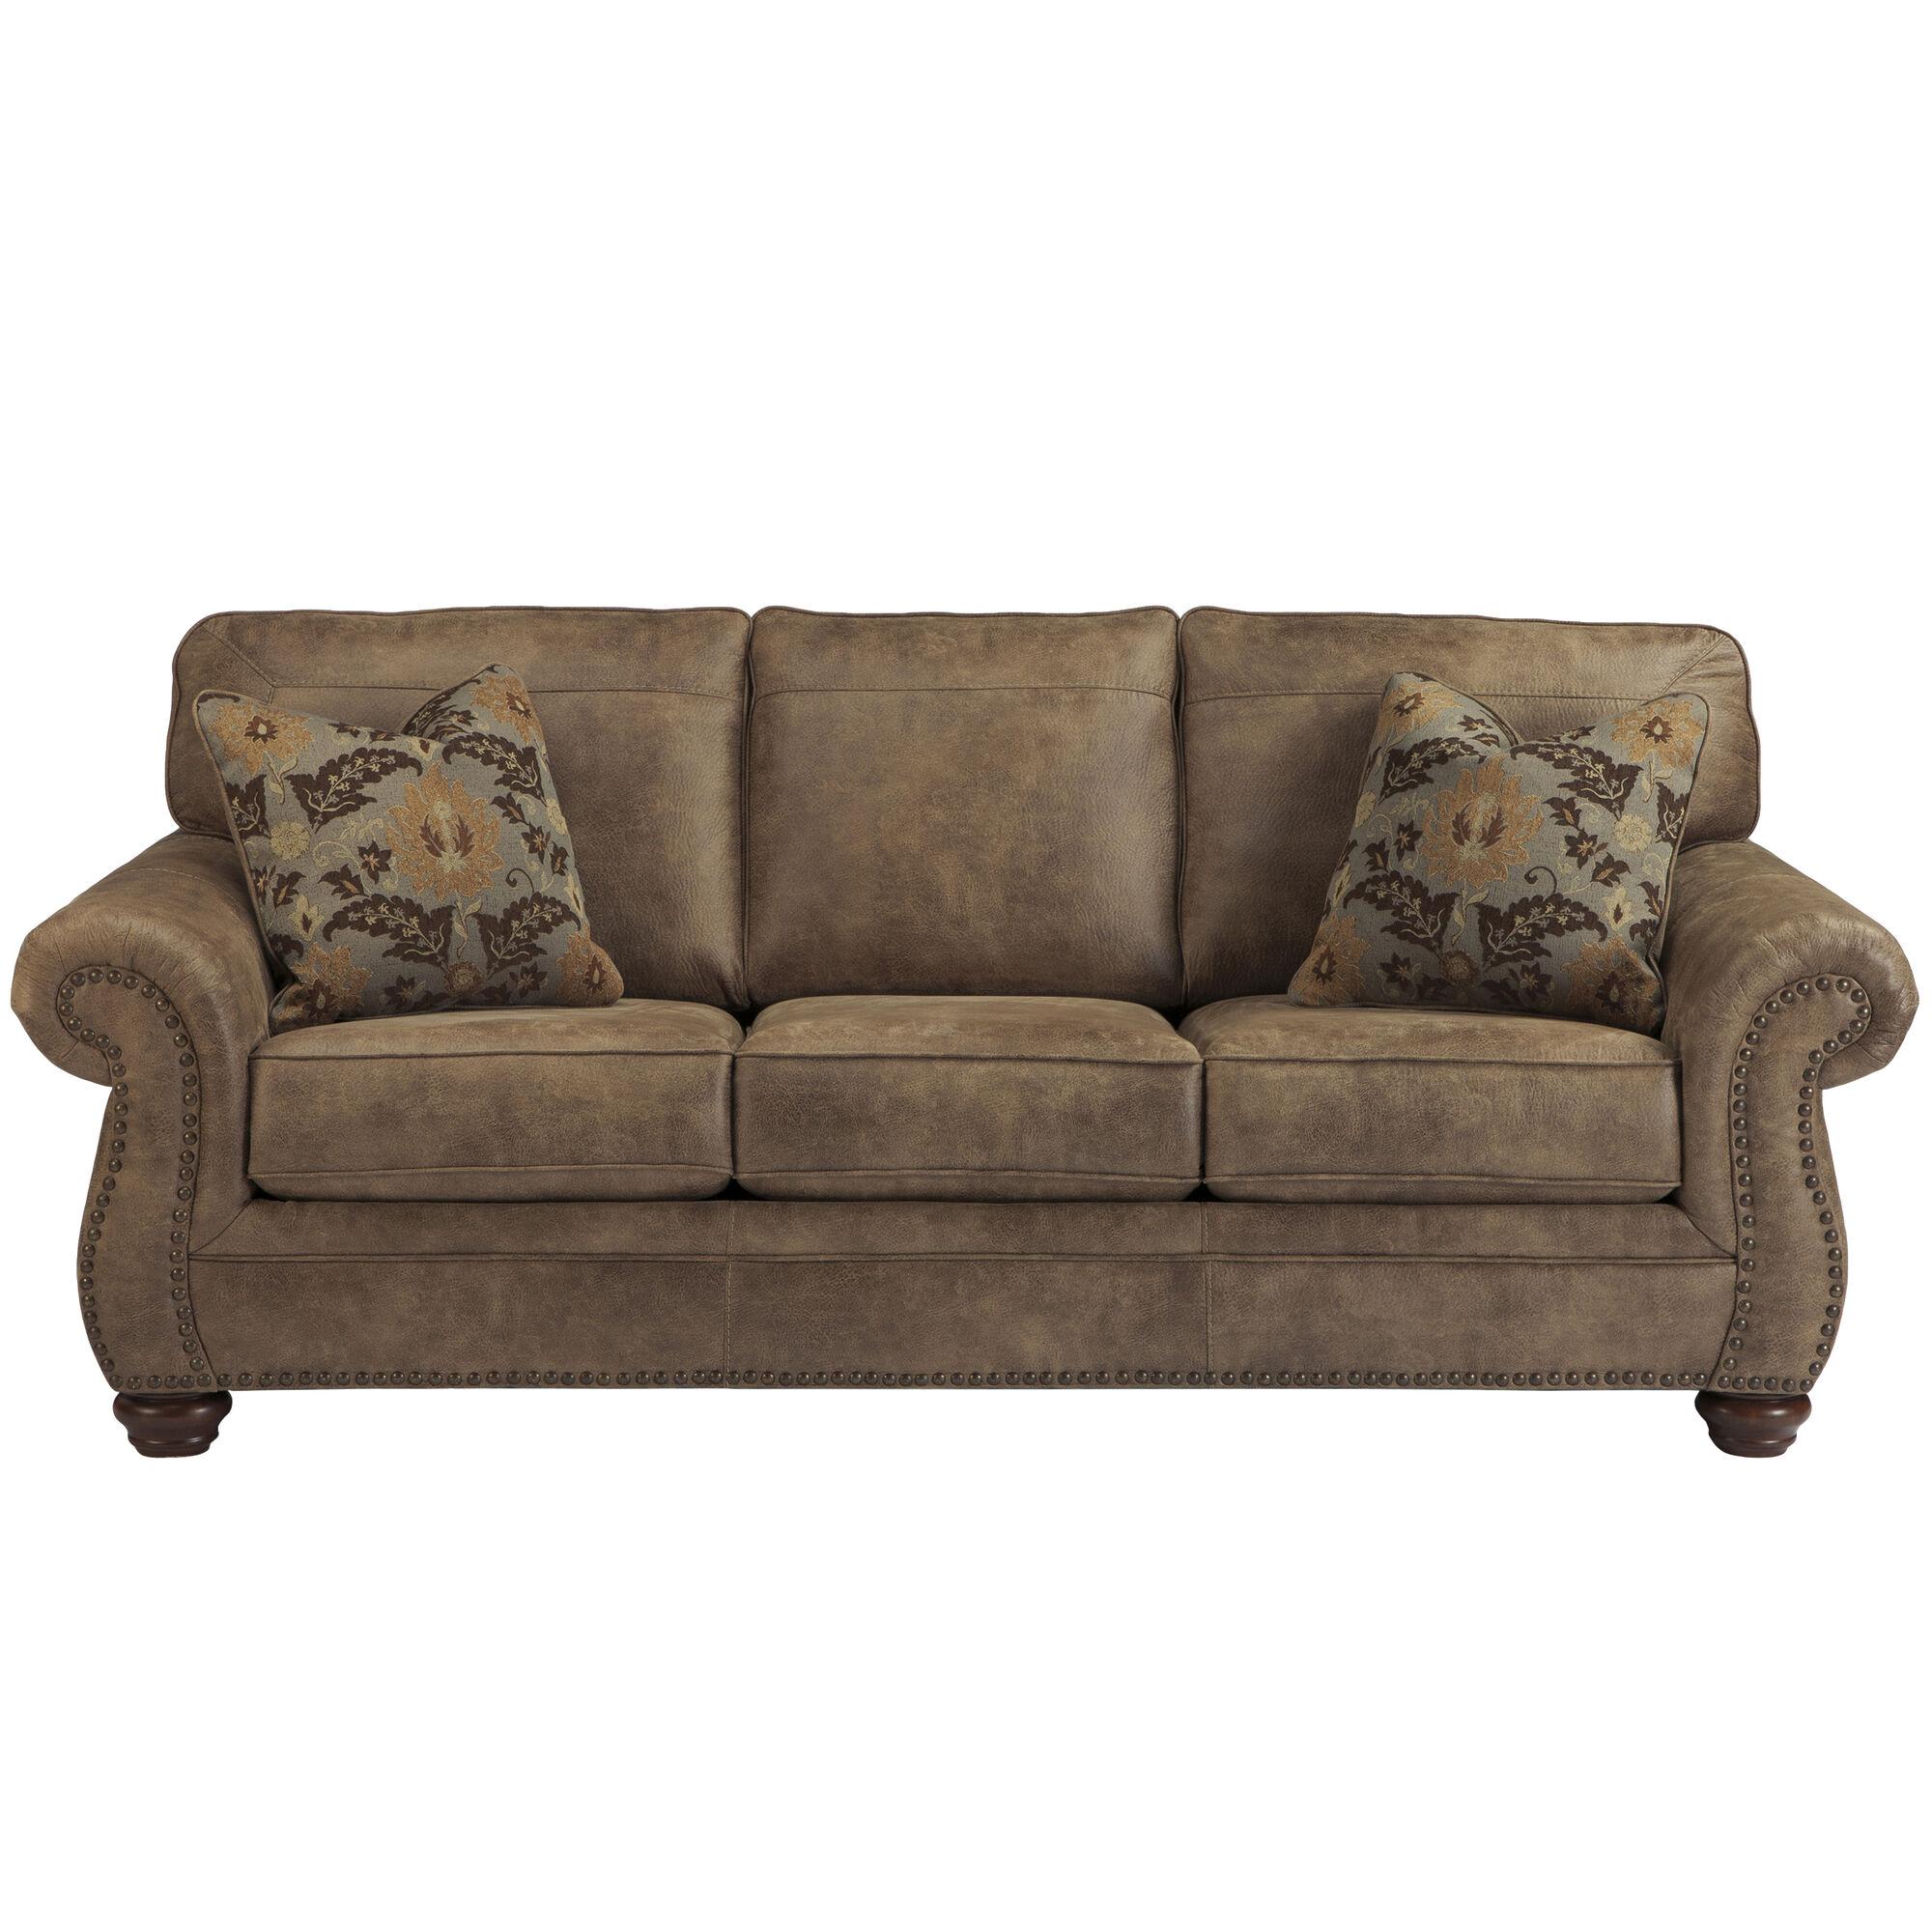 Flash Furniture FSD 3199SO ERT GG Bizchaircom : FLASHFURNITUREFSD 3199SO ERT GGMAINIMAGE from www.bizchair.com size 2000 x 2000 jpeg 358kB